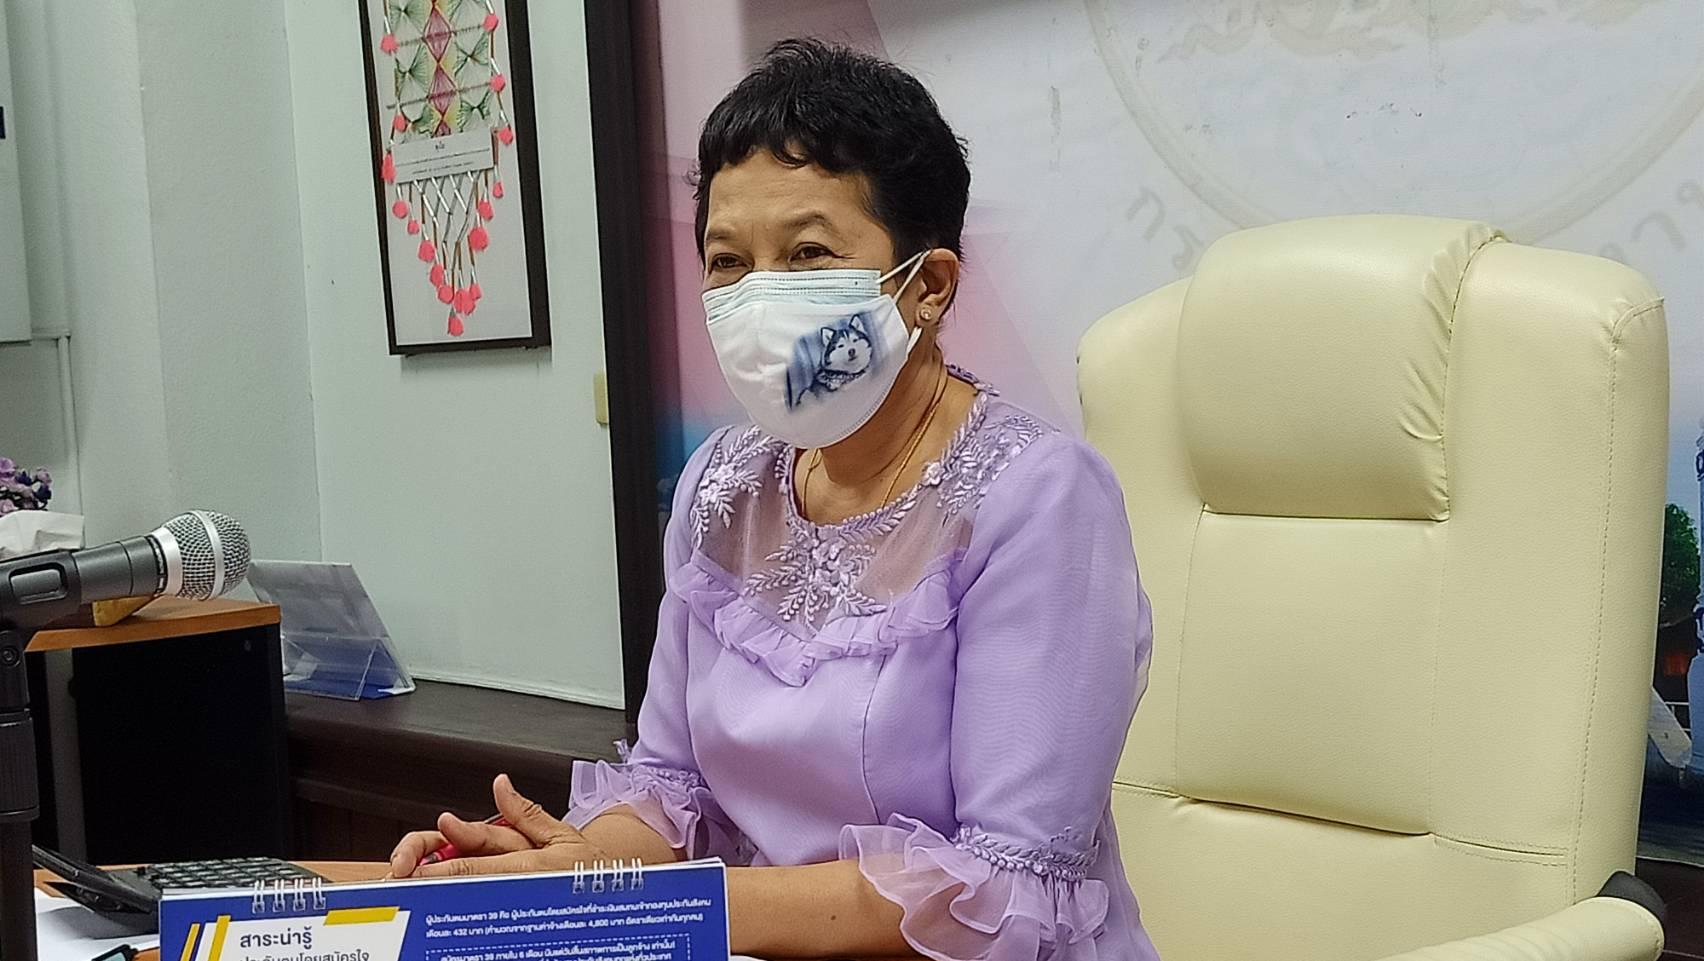 การประชุมหารือการรับสมัครบุคคลเพื่อเลือกสรรเป็นพนักงานราชการเฉพาะกิจ เพื่อช่วยเหลือผู้ได้รับผลกระทบจากสถานการณ์การแพร่ระบาดของโรคติดเชื้อไวรัสโคโรน่า 2019 จังหวัดลำปาง